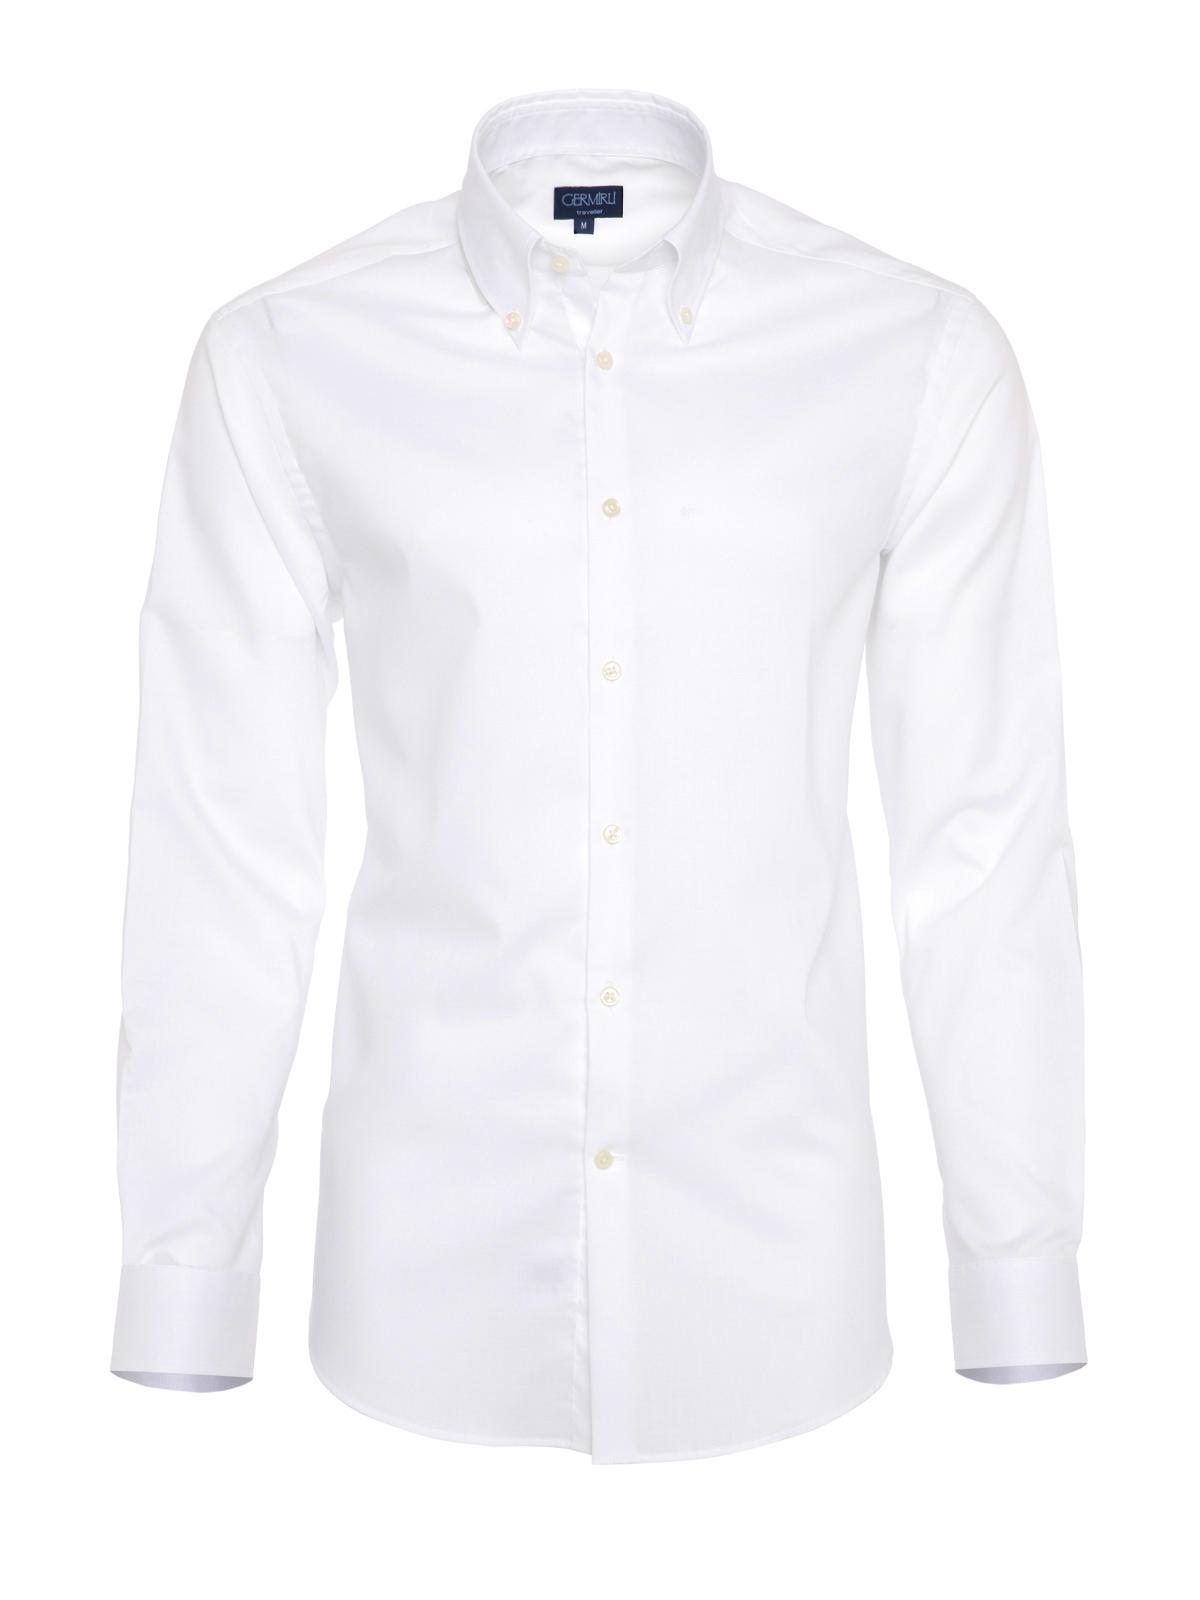 Germirli Non Iron Beyaz Oxford Düğmeli Yaka Tailor Fit Gömlek